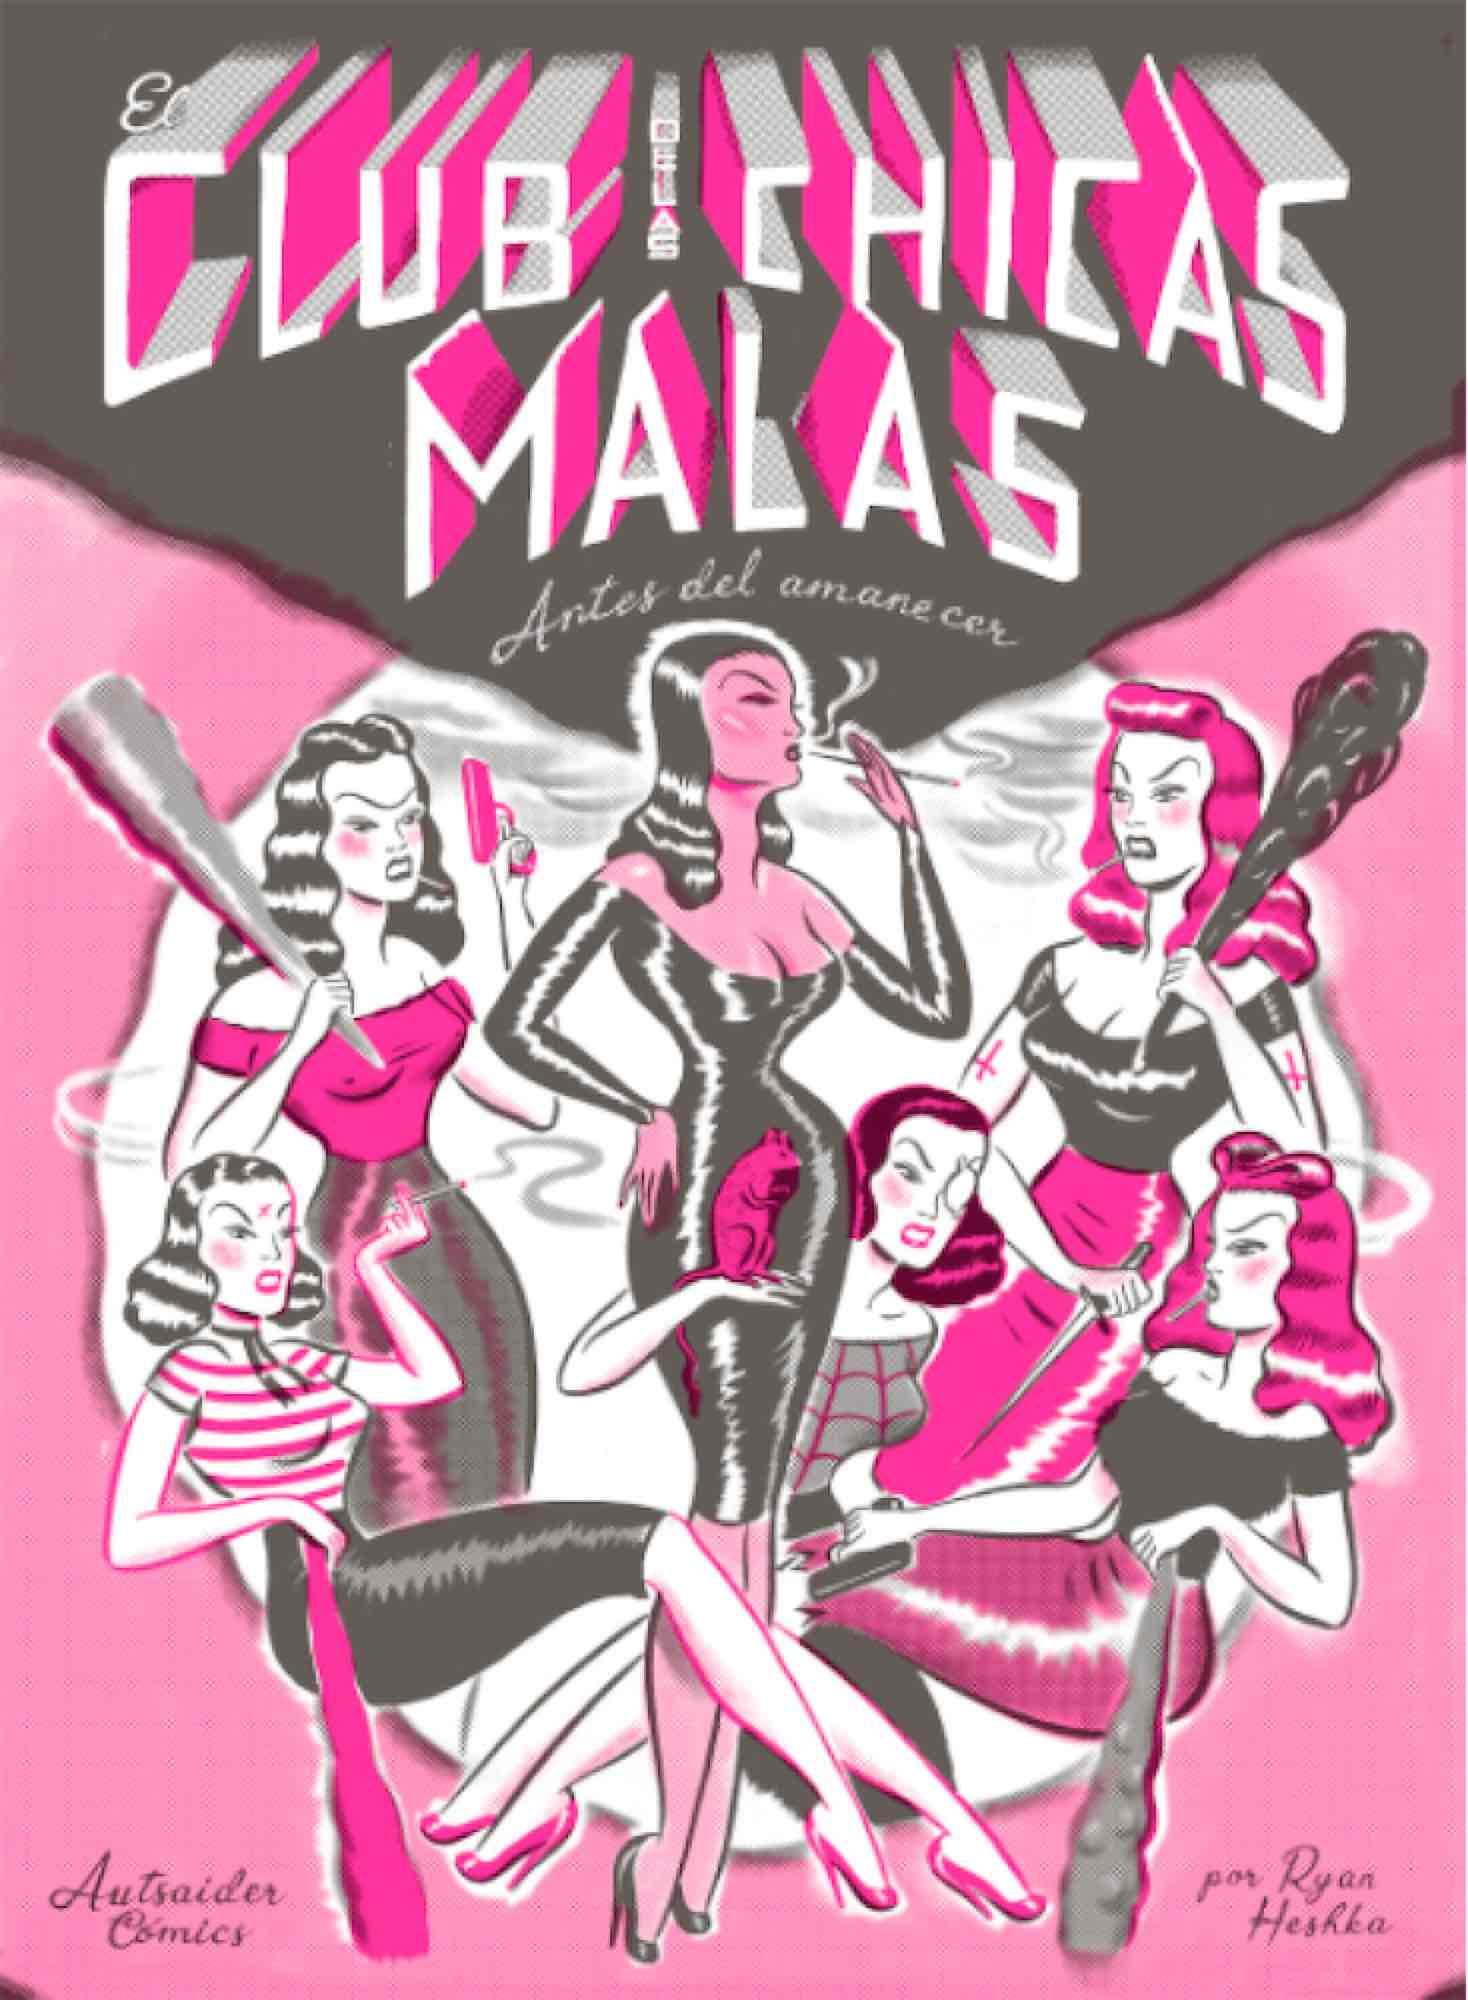 EL CLUB DE LAS CHICAS MALAS: ANTES DEL AMANECER